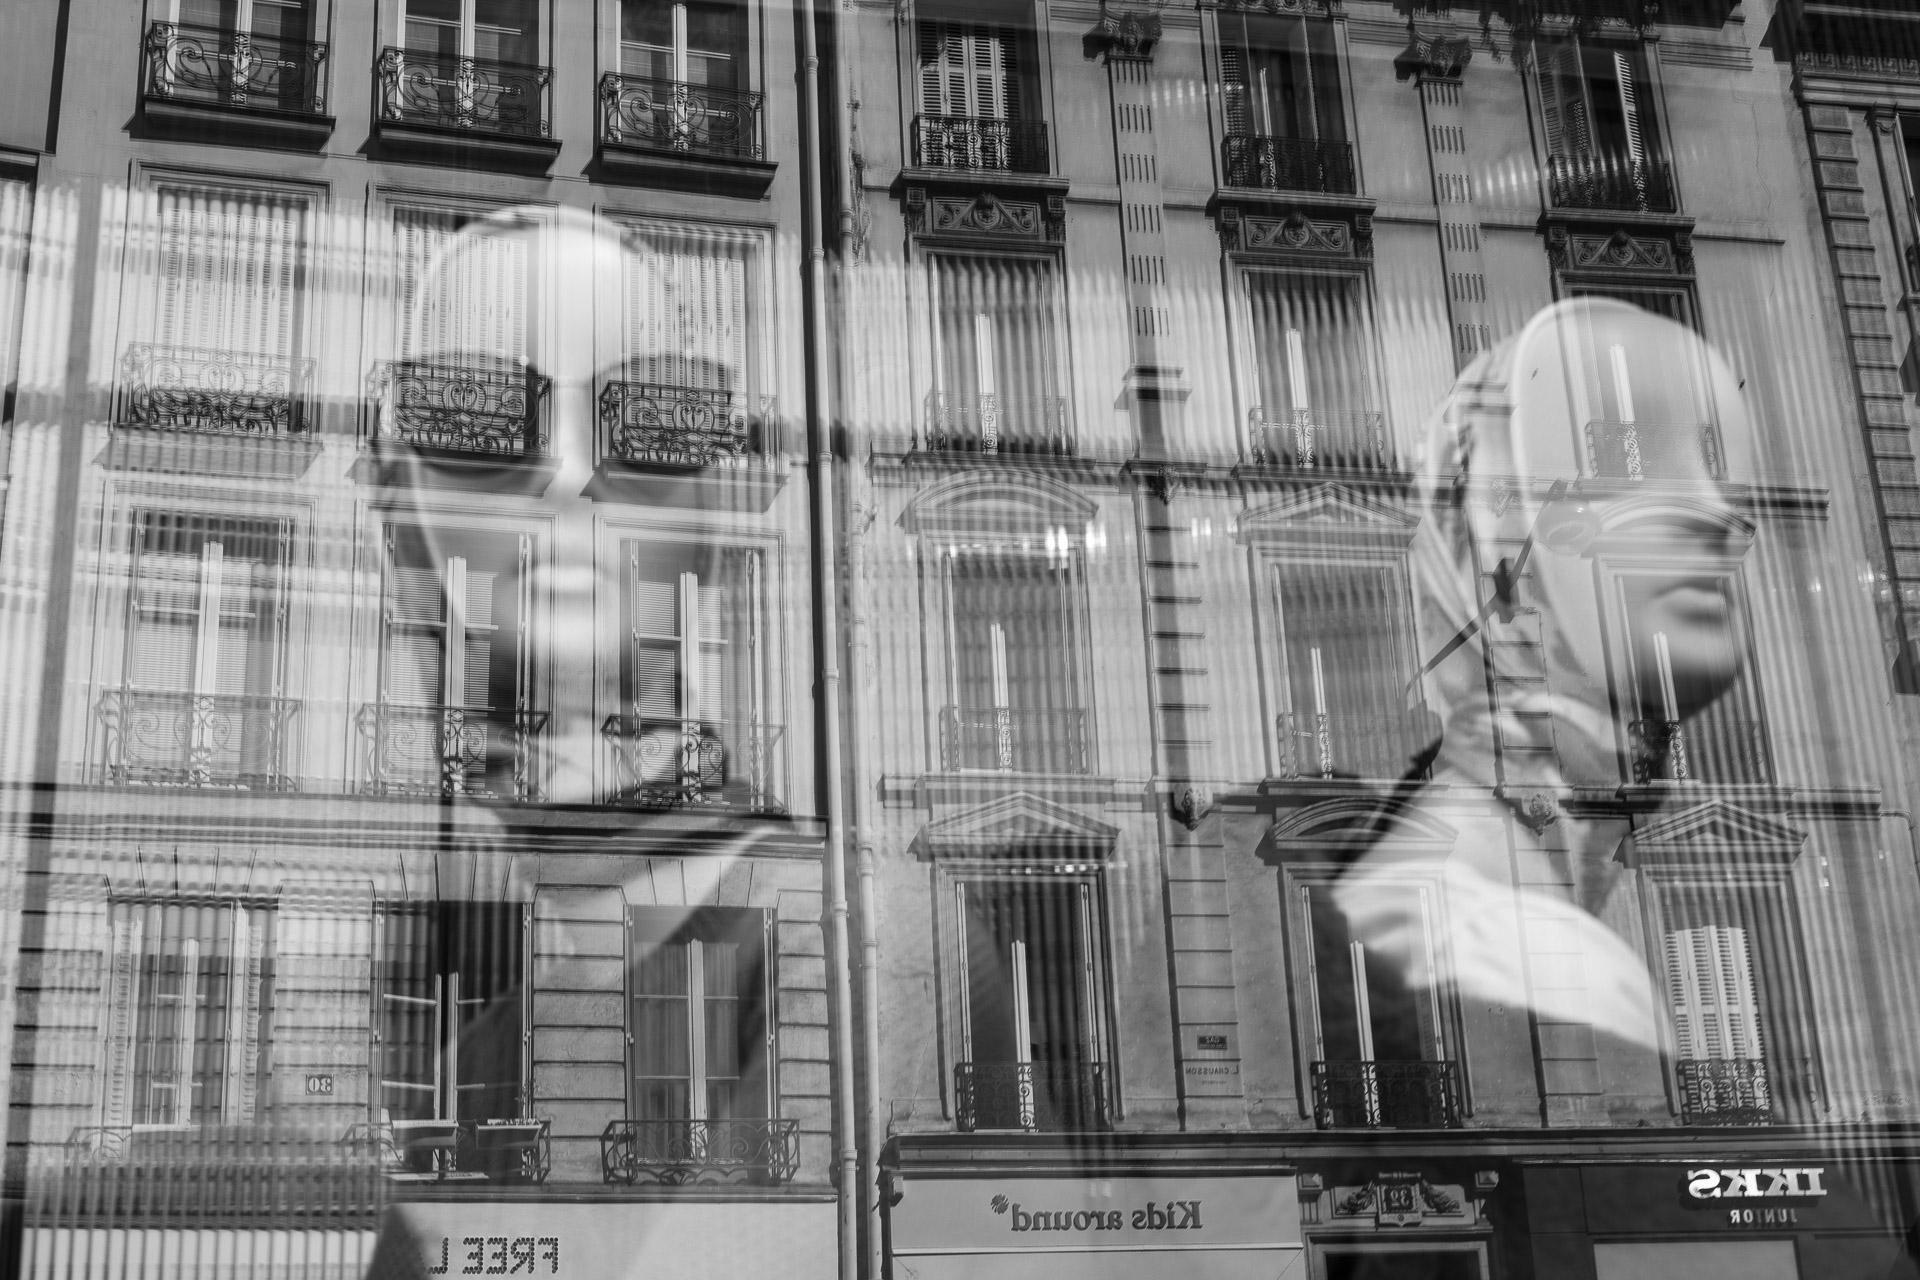 Fotowerk Kunstfotografie - Spiegelbilder - die Damen